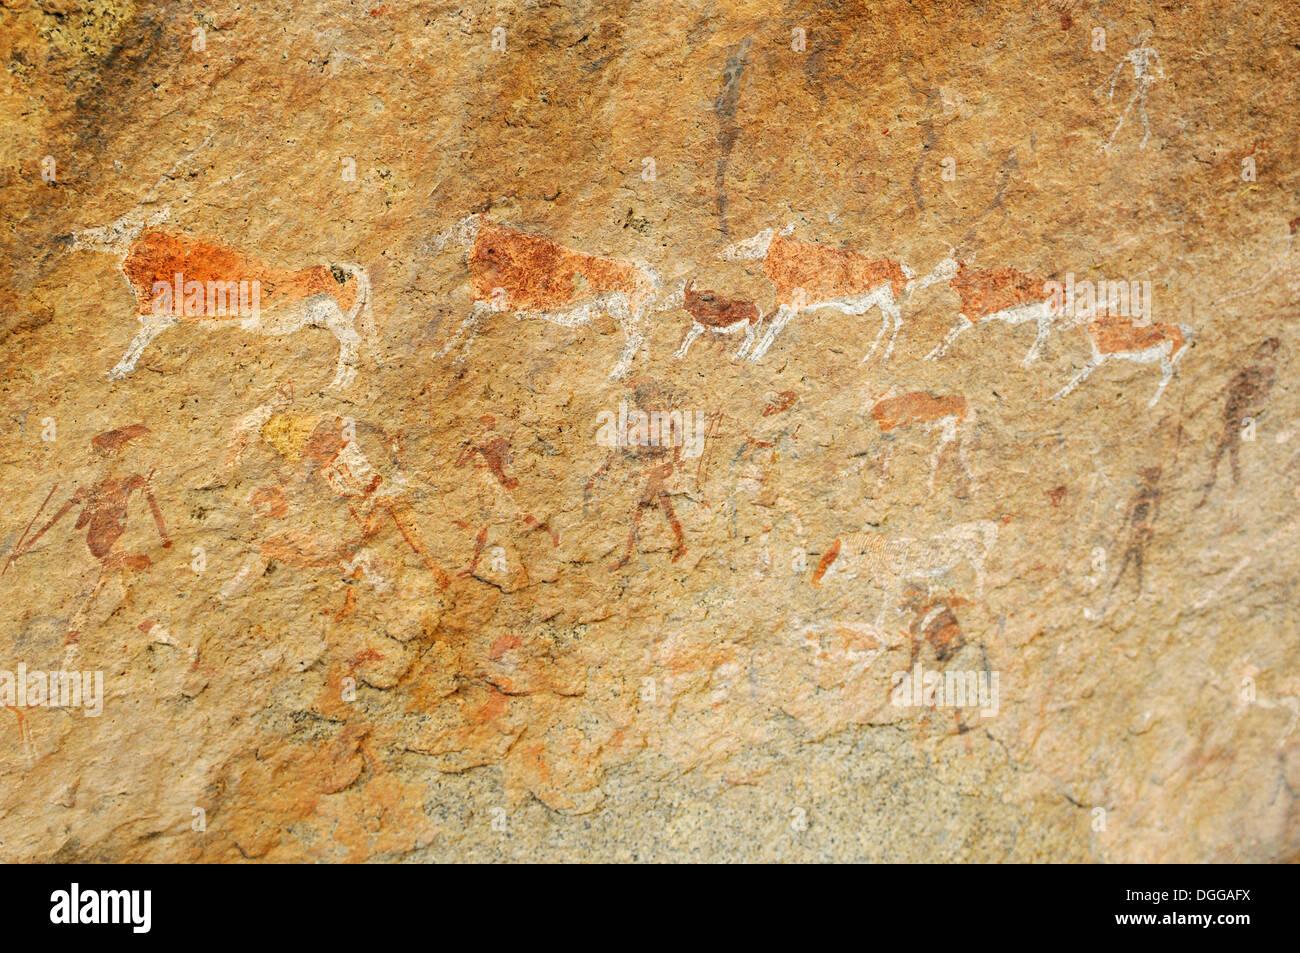 Peinture rupestre de l'homme et l'animal dans l'Tsisab Gorge, Brandberg, Damaraland, Namibie, région de Kunene Photo Stock